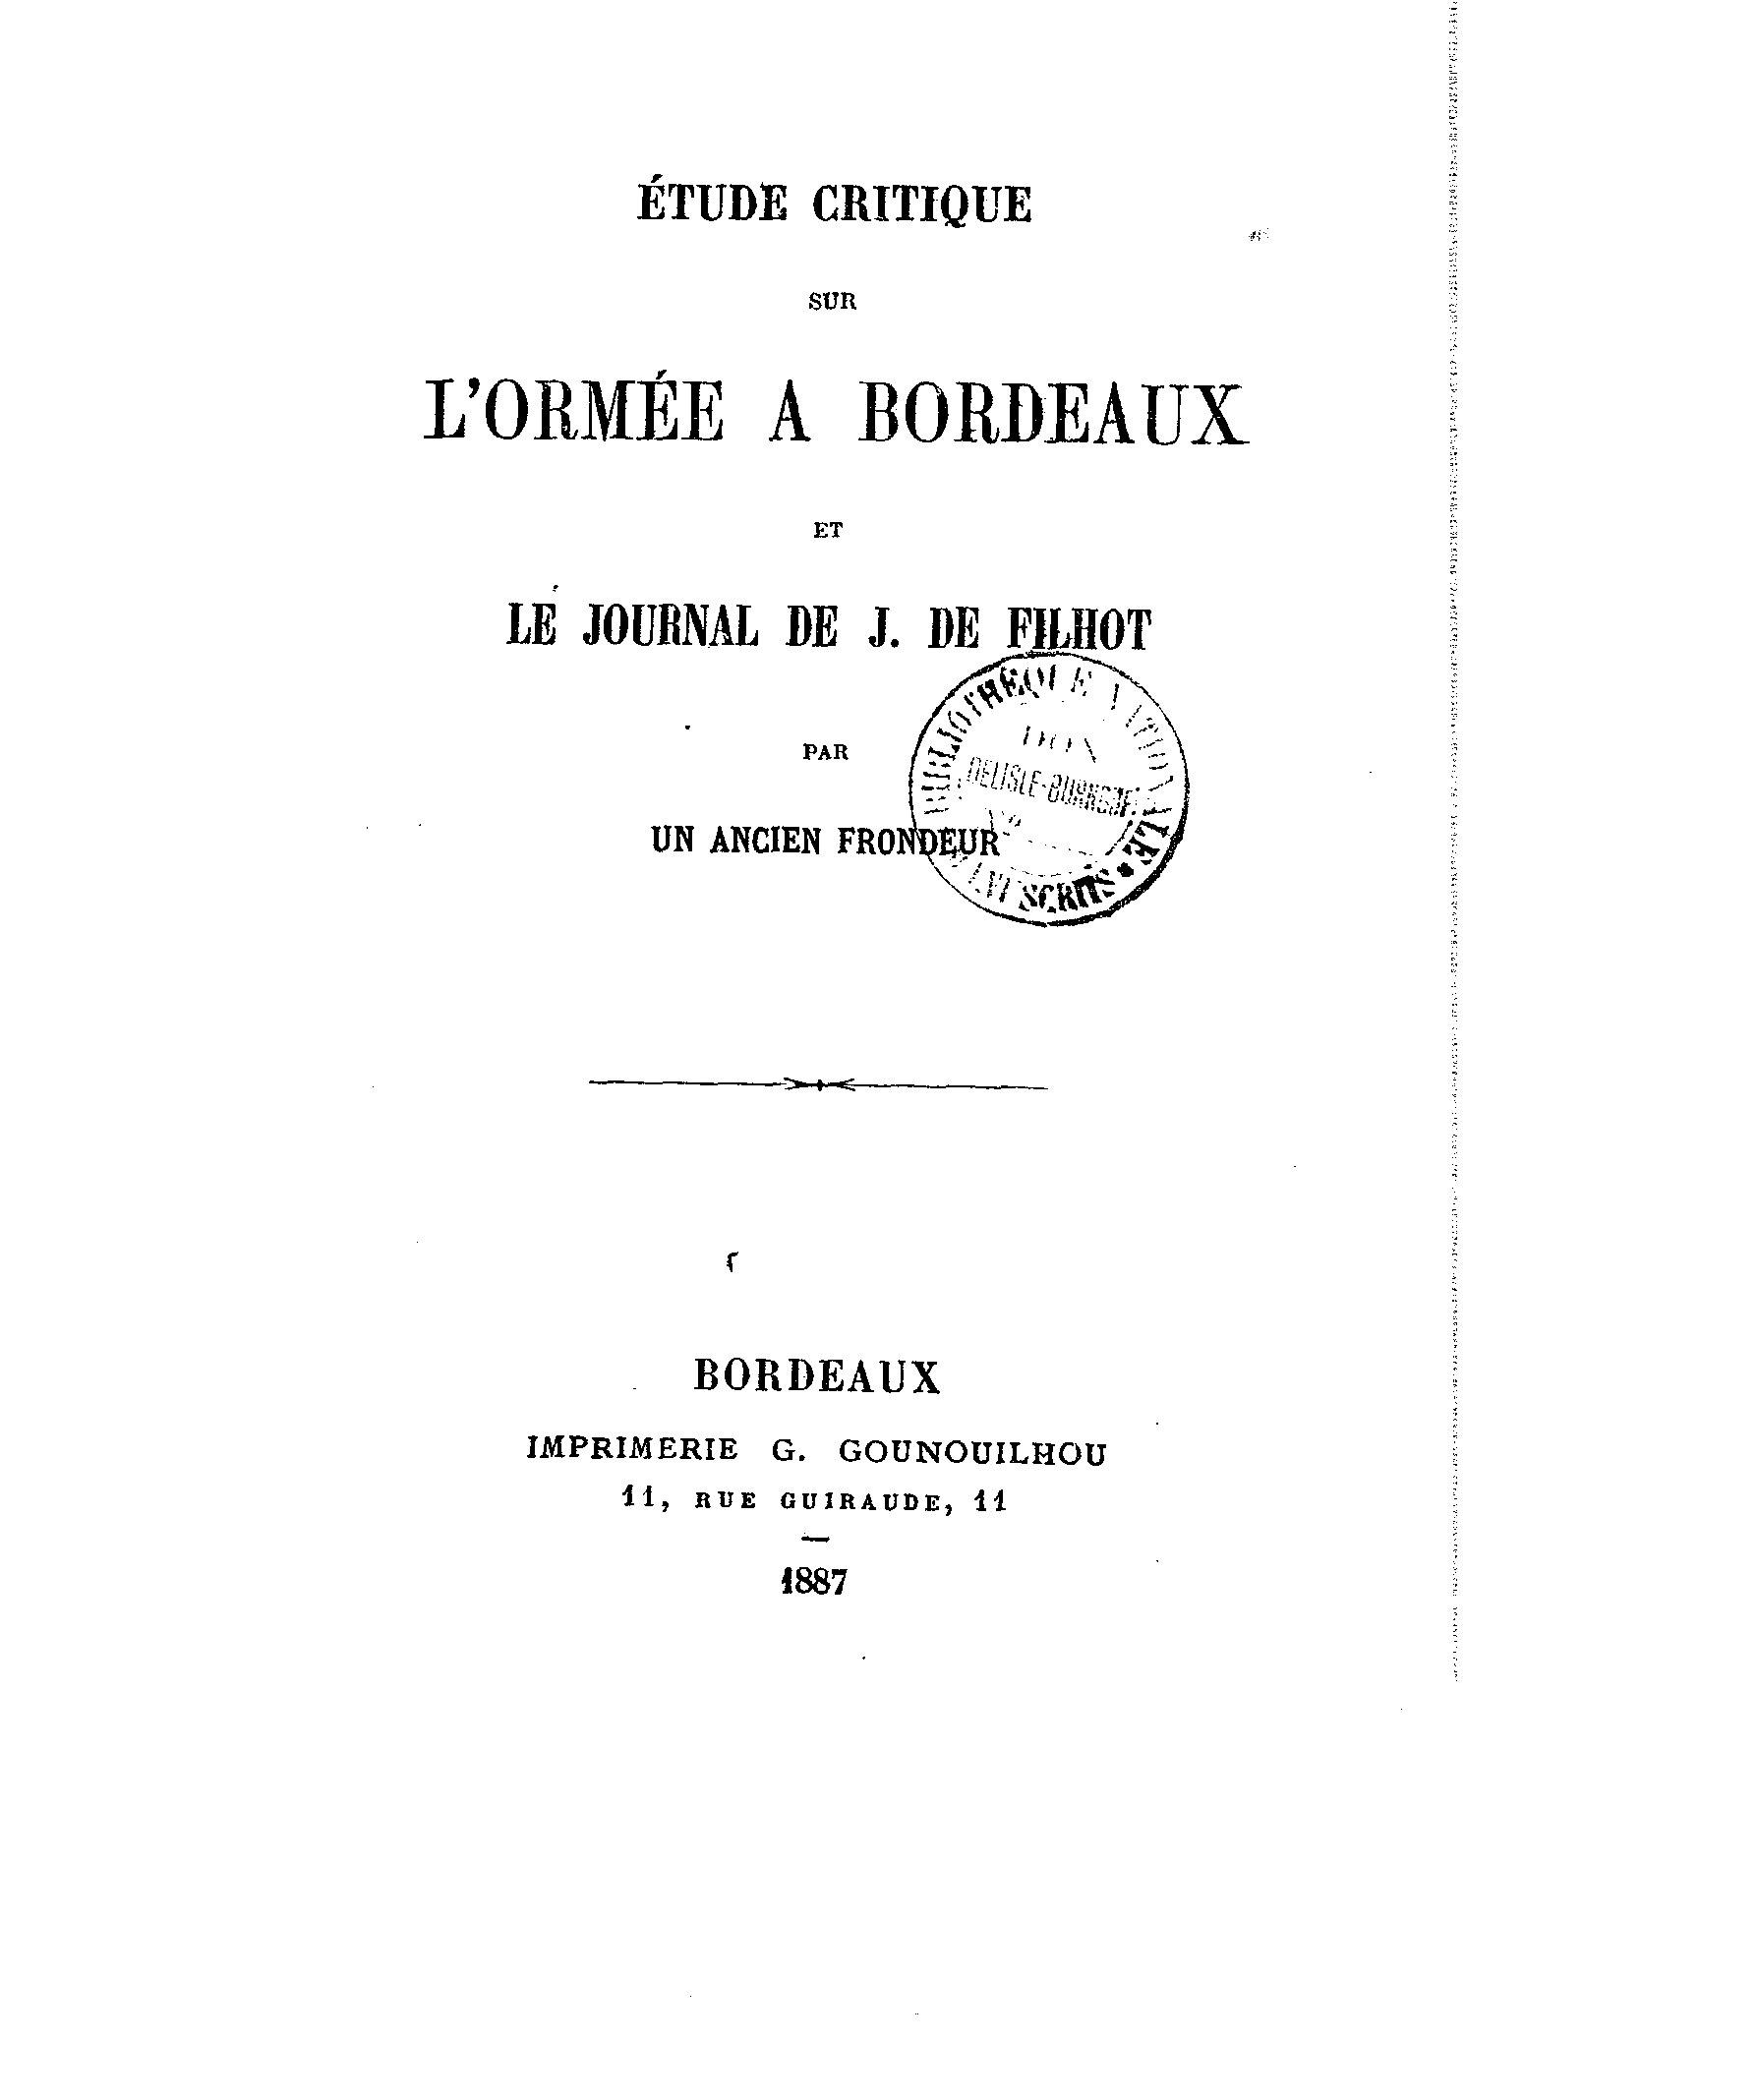 Page tamizey de larroque etude critique sur l orm e bordeaux et le journa - Le journal de bordeaux ...